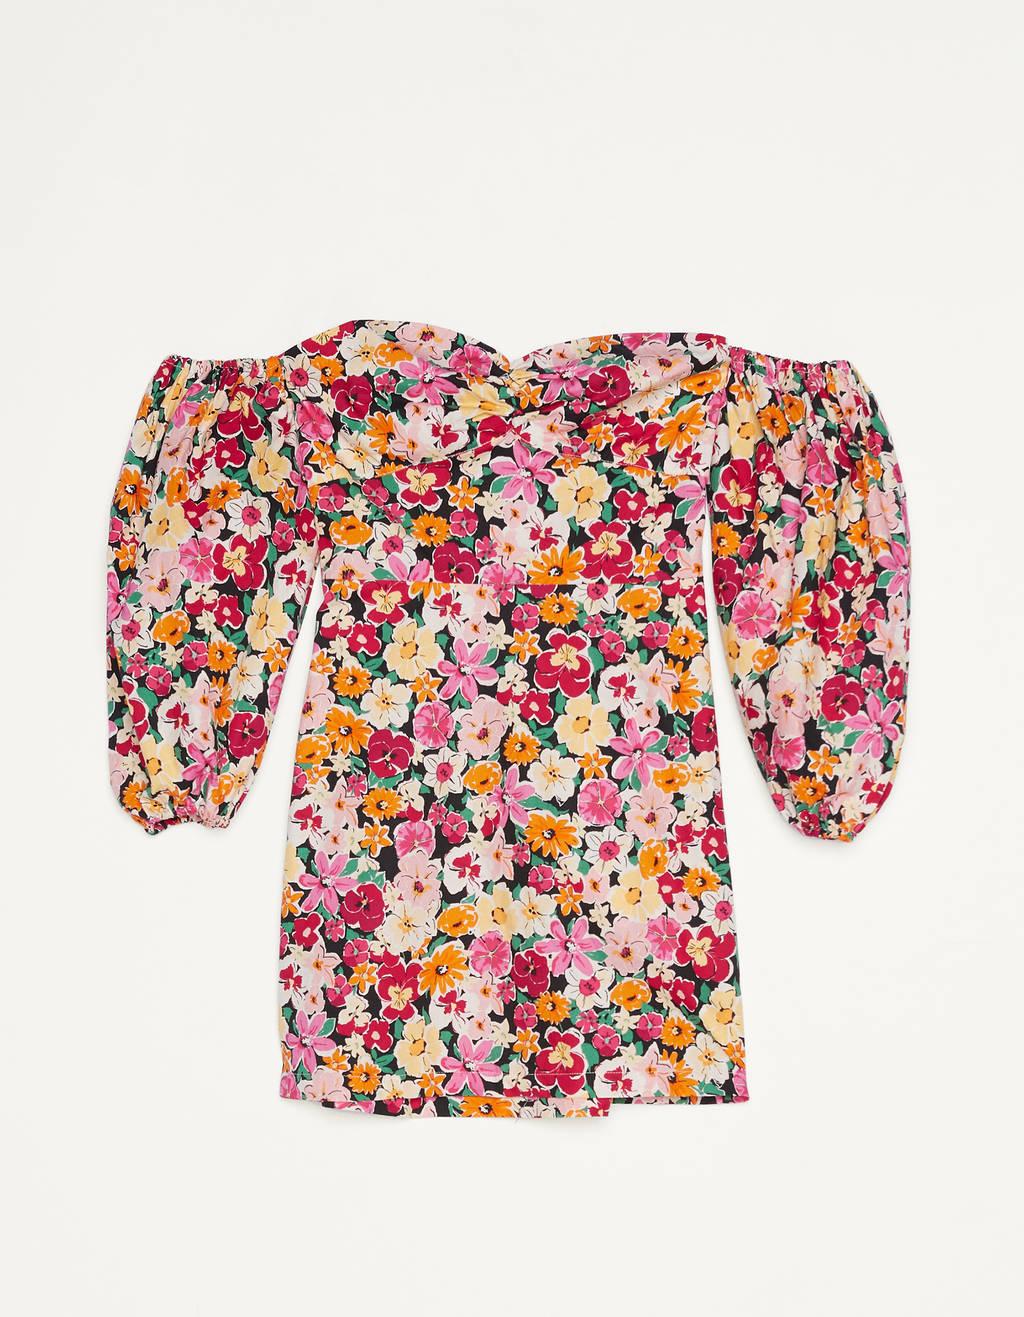 Vestido corto de flores con escote bardot y manga 3/4 con volumen y acabado en goma.